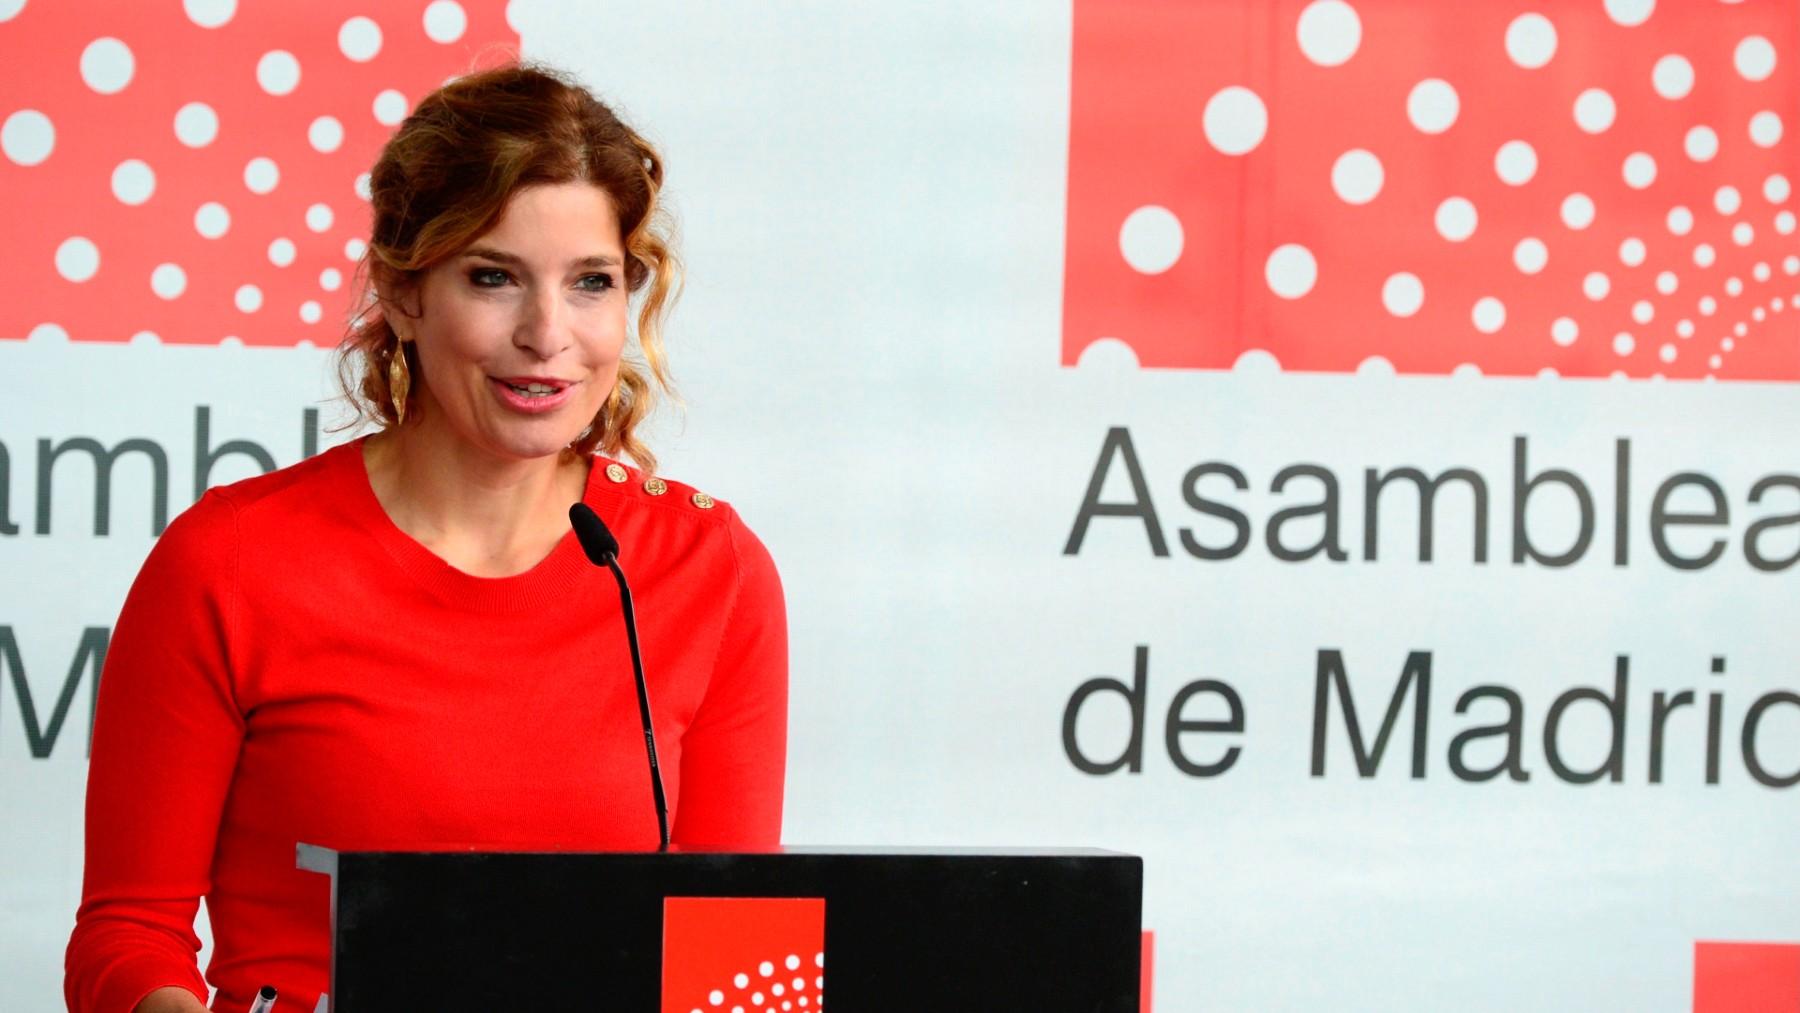 La portavoz del PSOE en la Asamblea de Madrid, Hana Jalloul.